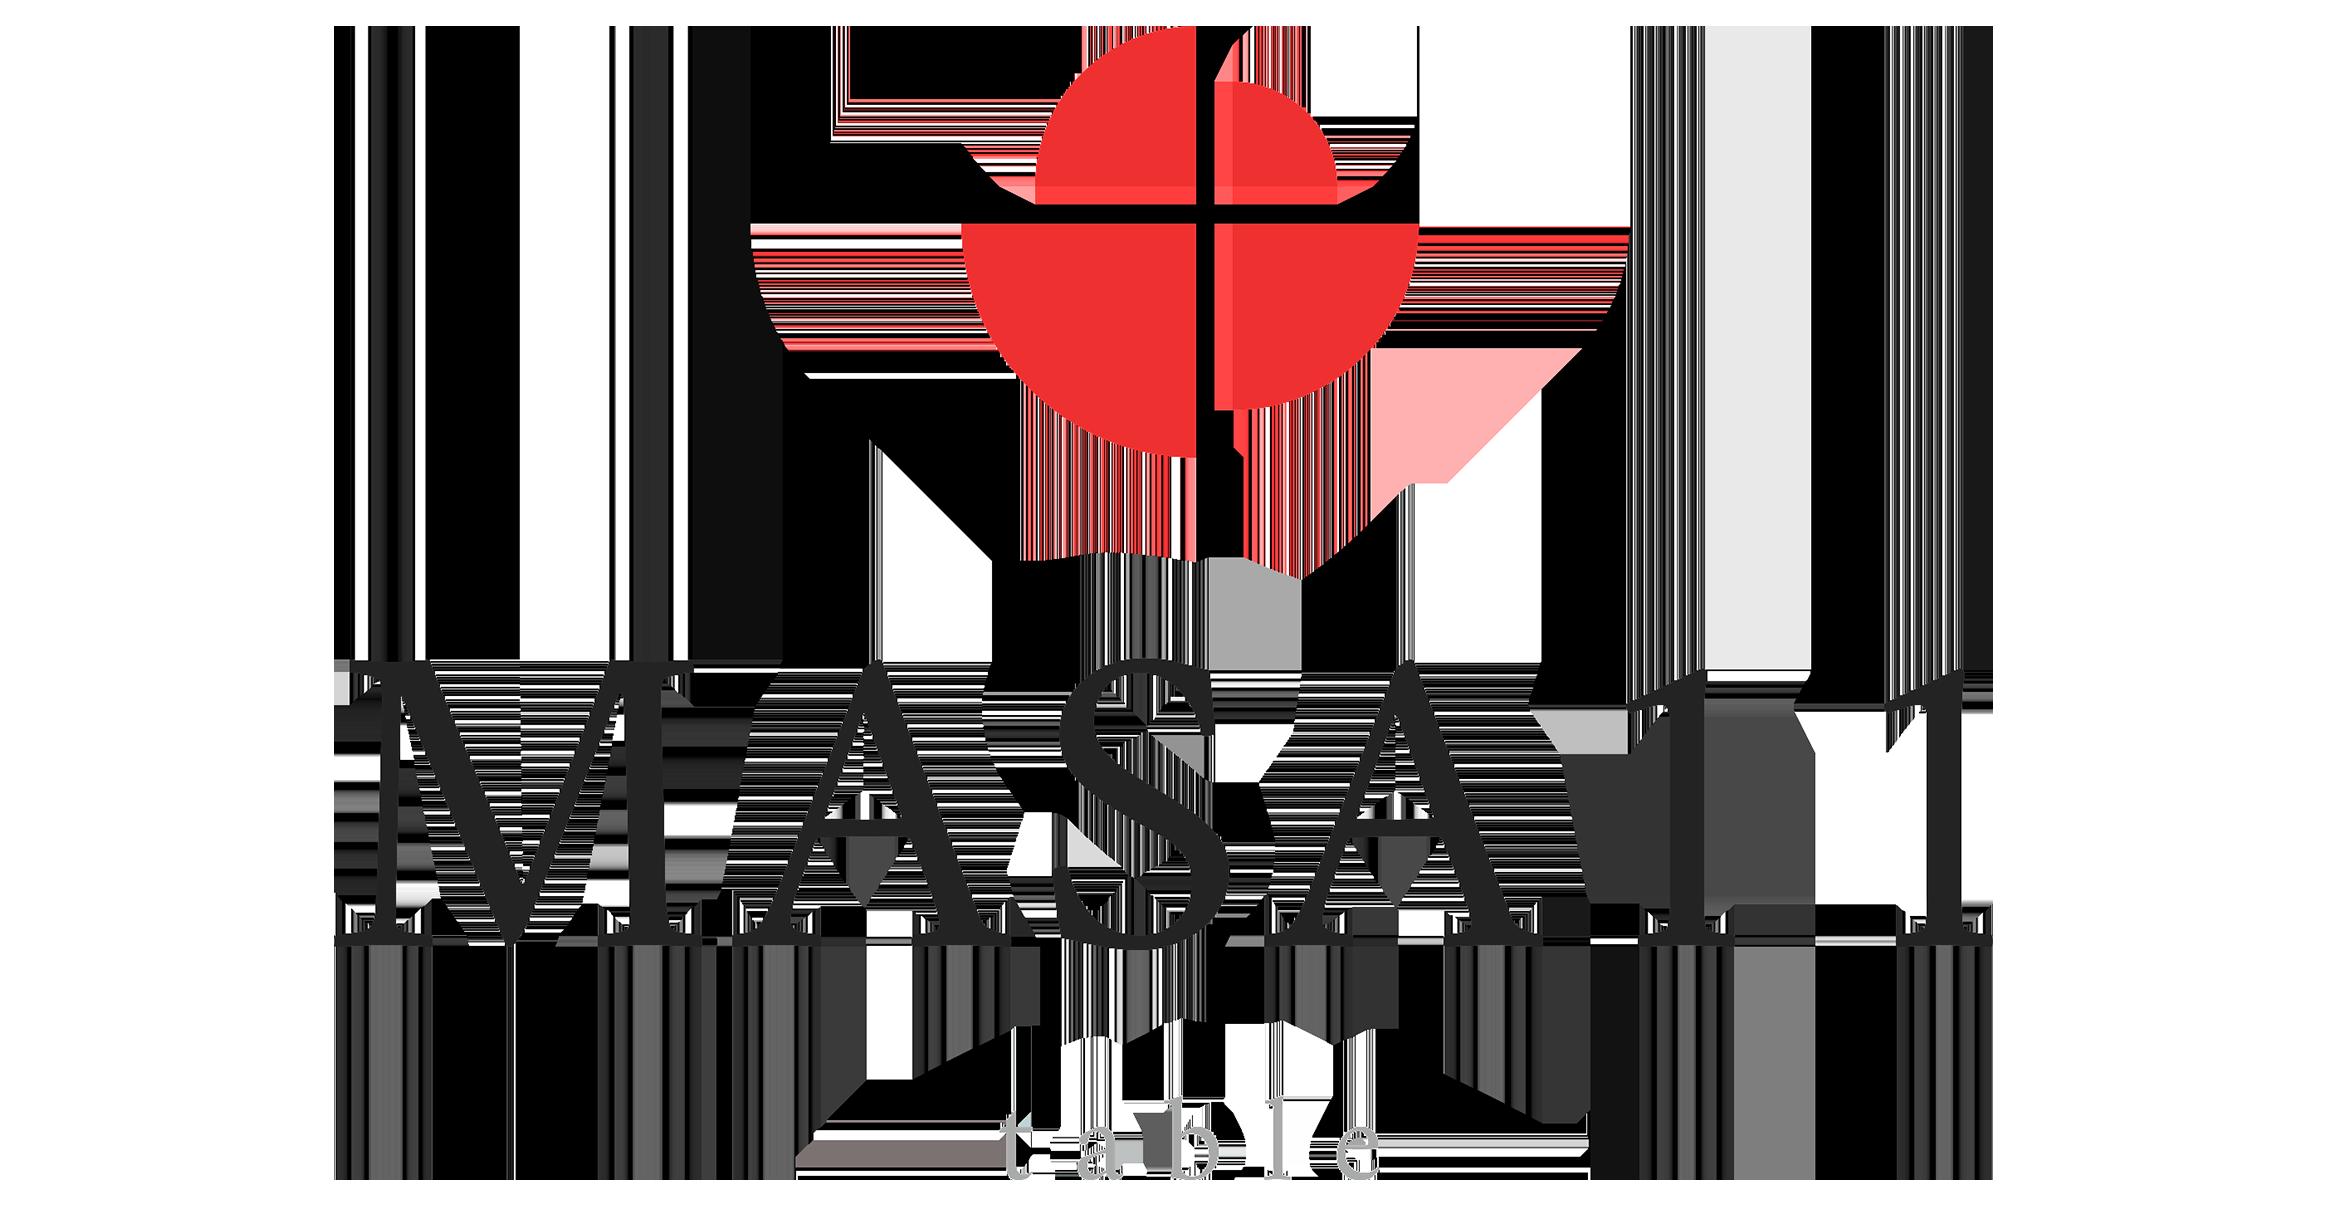 Masa11